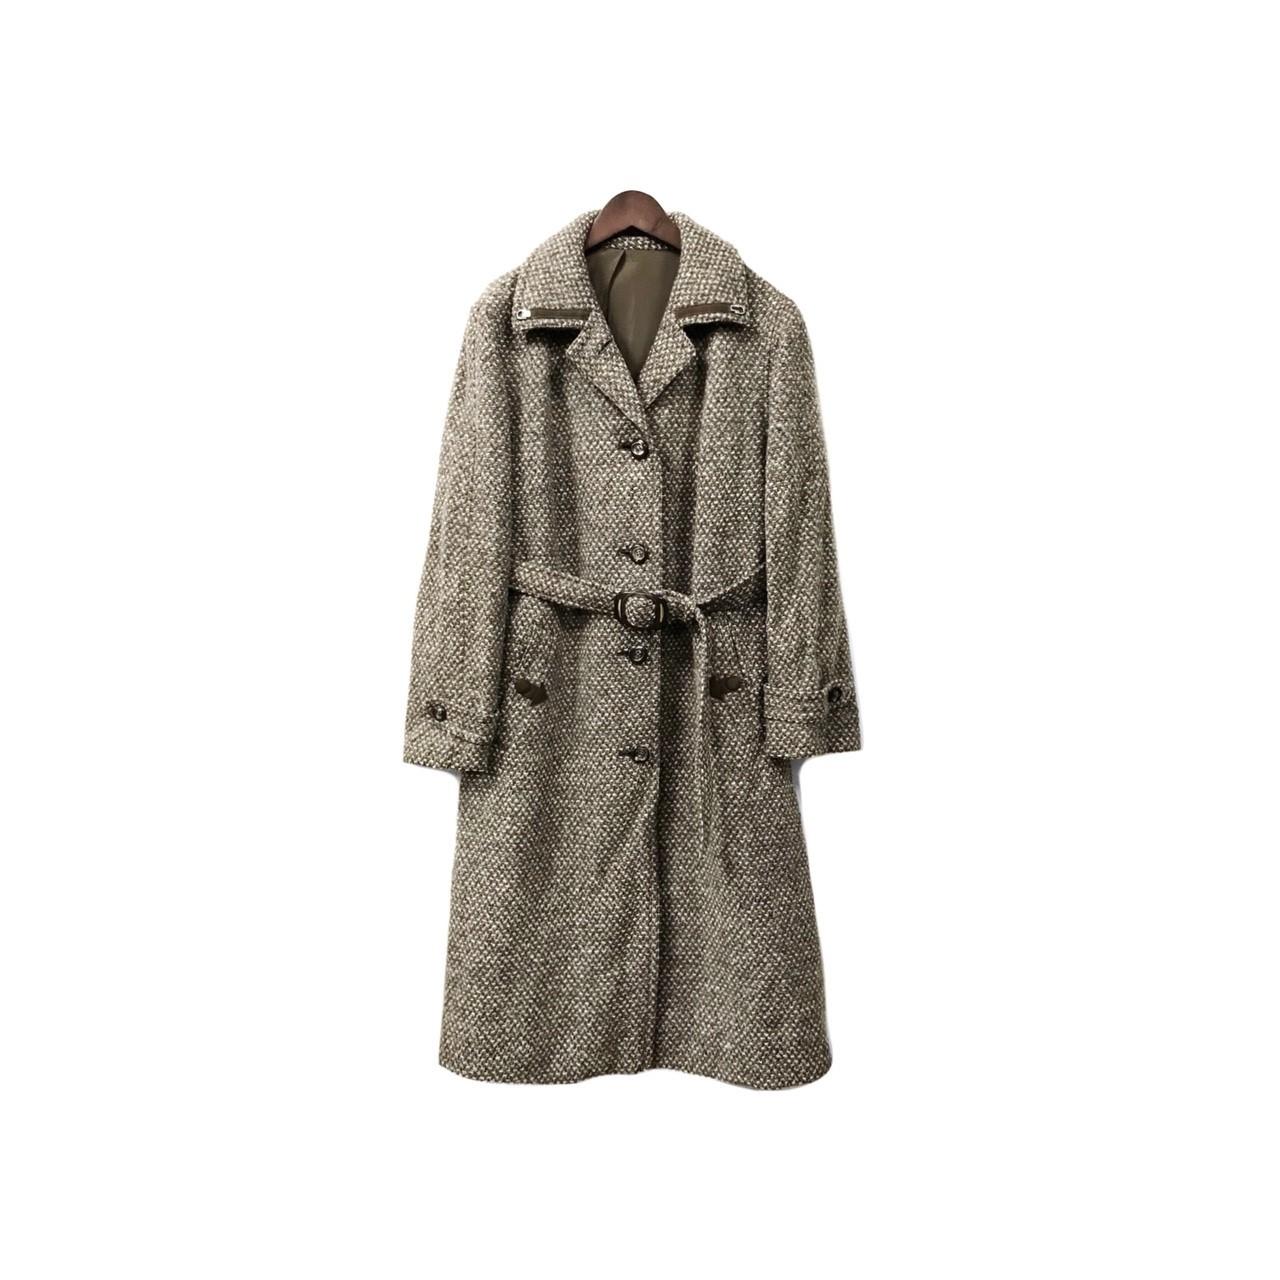 USED - Tweed Long Coat ¥20500+tax→¥12300+Tax